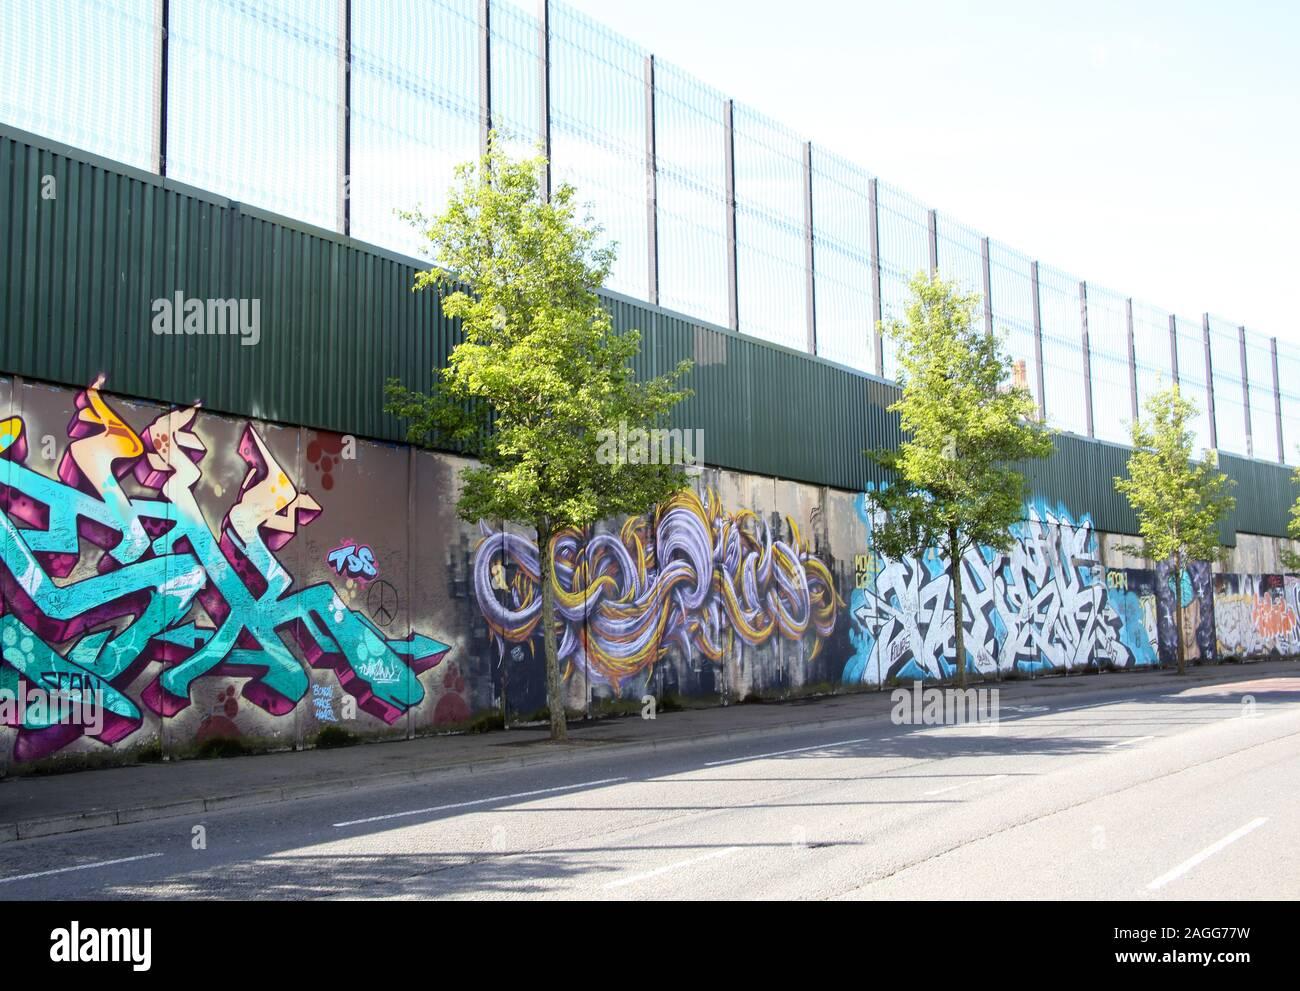 Farbenfrohen Wandmalereien & Graffiti auf Frieden Wand, oder Frieden Linie, entlang Cupar in Belfast. Es ist einer der vielen Trennung Barrieren in Nordirland Stockfoto